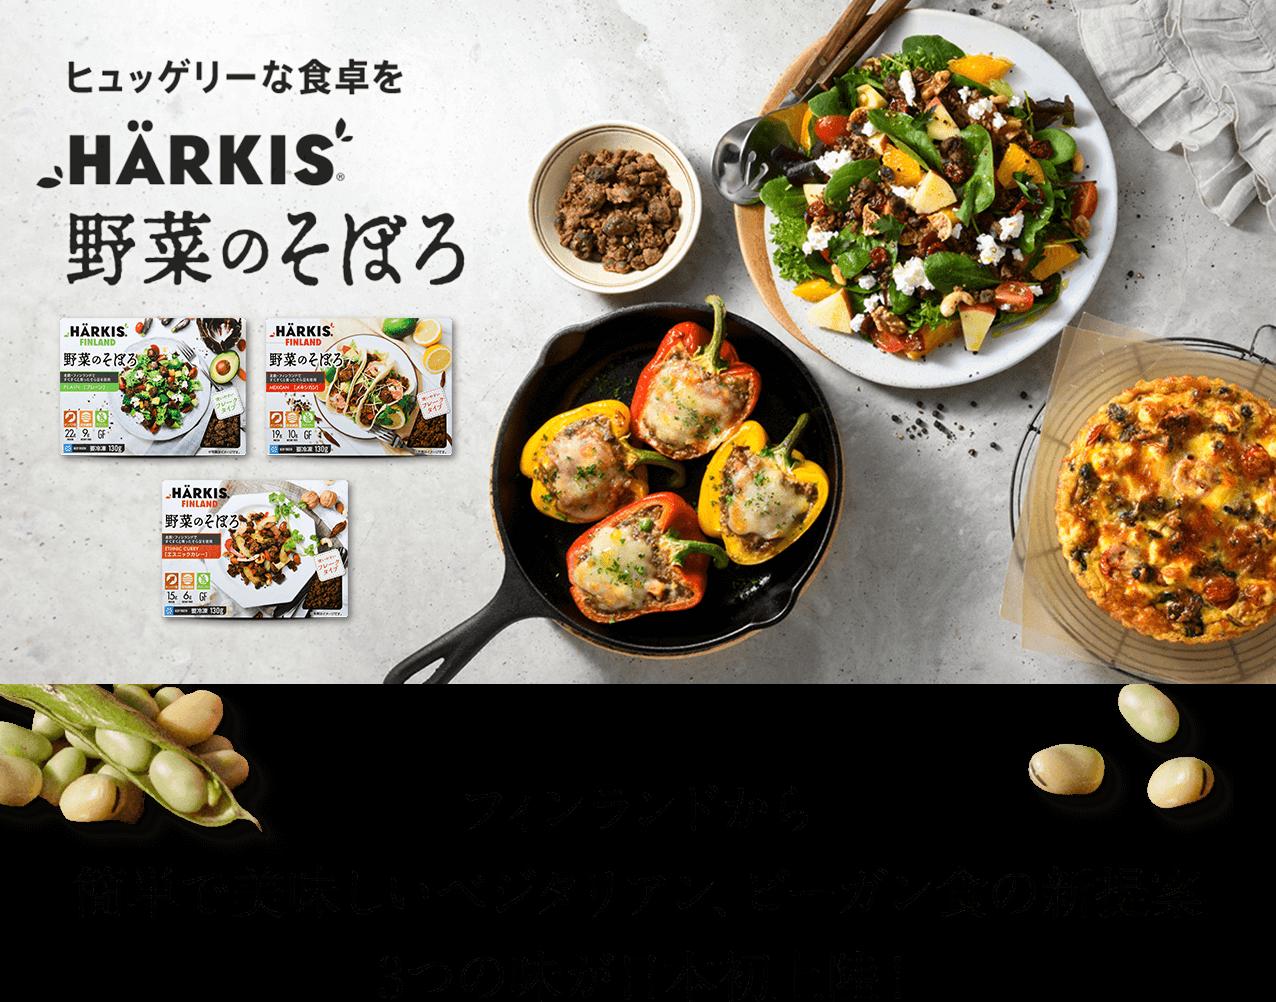 ヒュッゲリーな食卓を HARKIS 野菜のそぼろ フィンランドから 簡単で美味しいベジタリアン、ビーガン食の新提案 3つの味が日本初上陸!